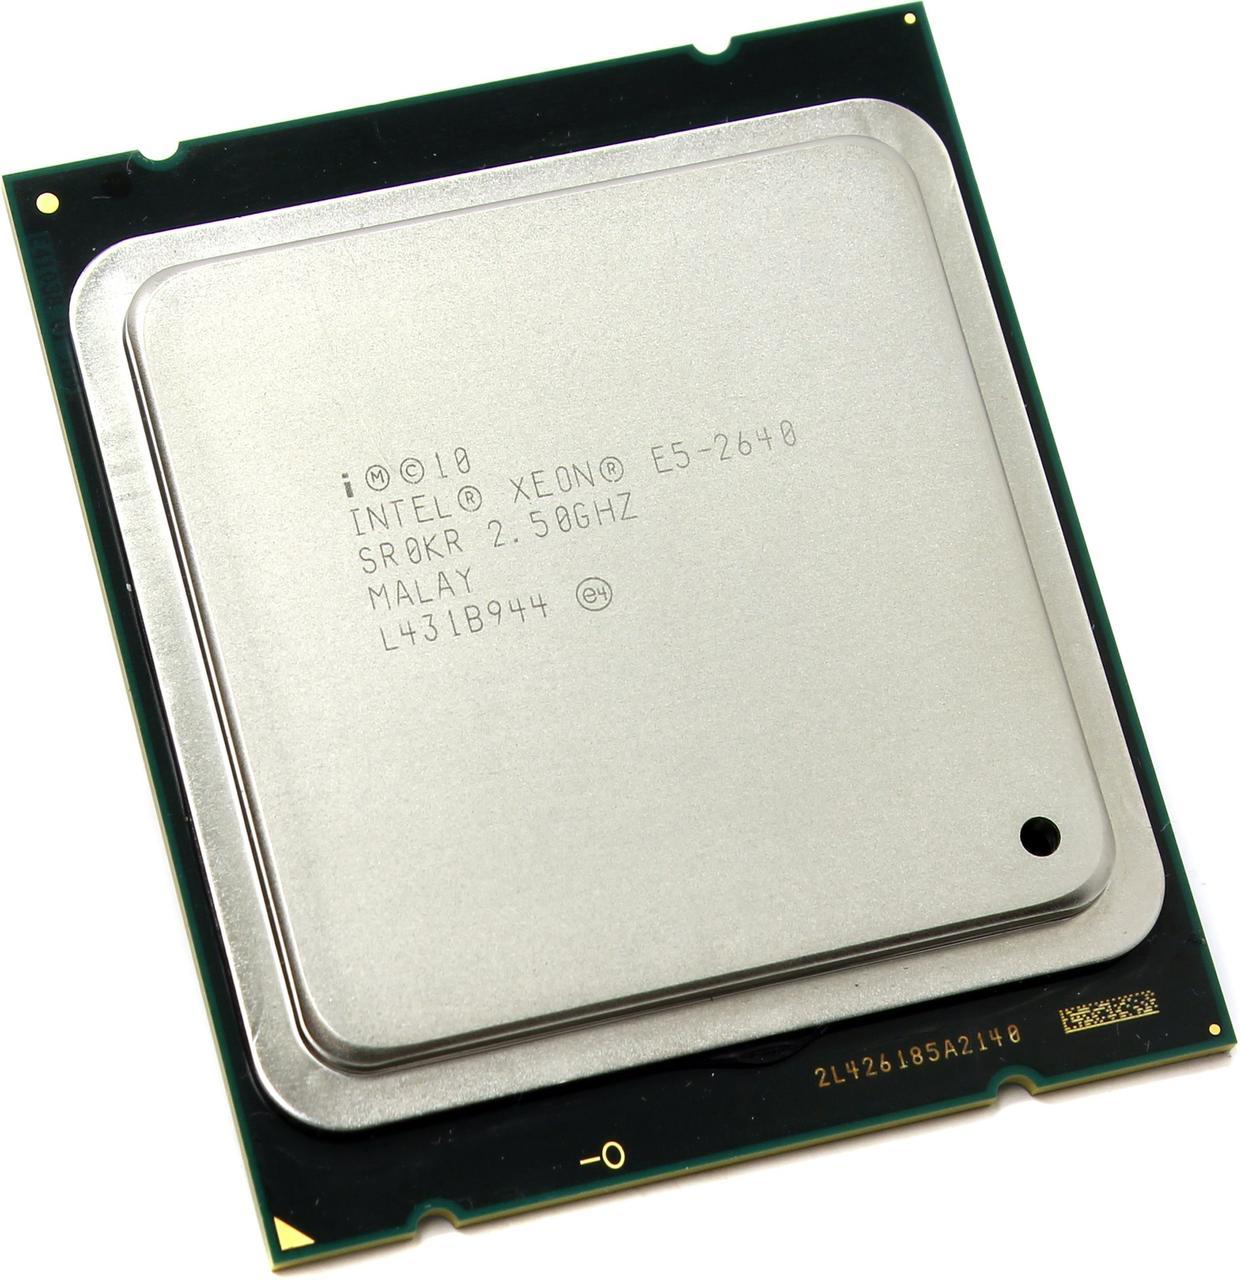 Процессор Intel Xeon E5-2640 2.5-3.0 GHz, 6 ядер, 15M кеш, LGA 2011